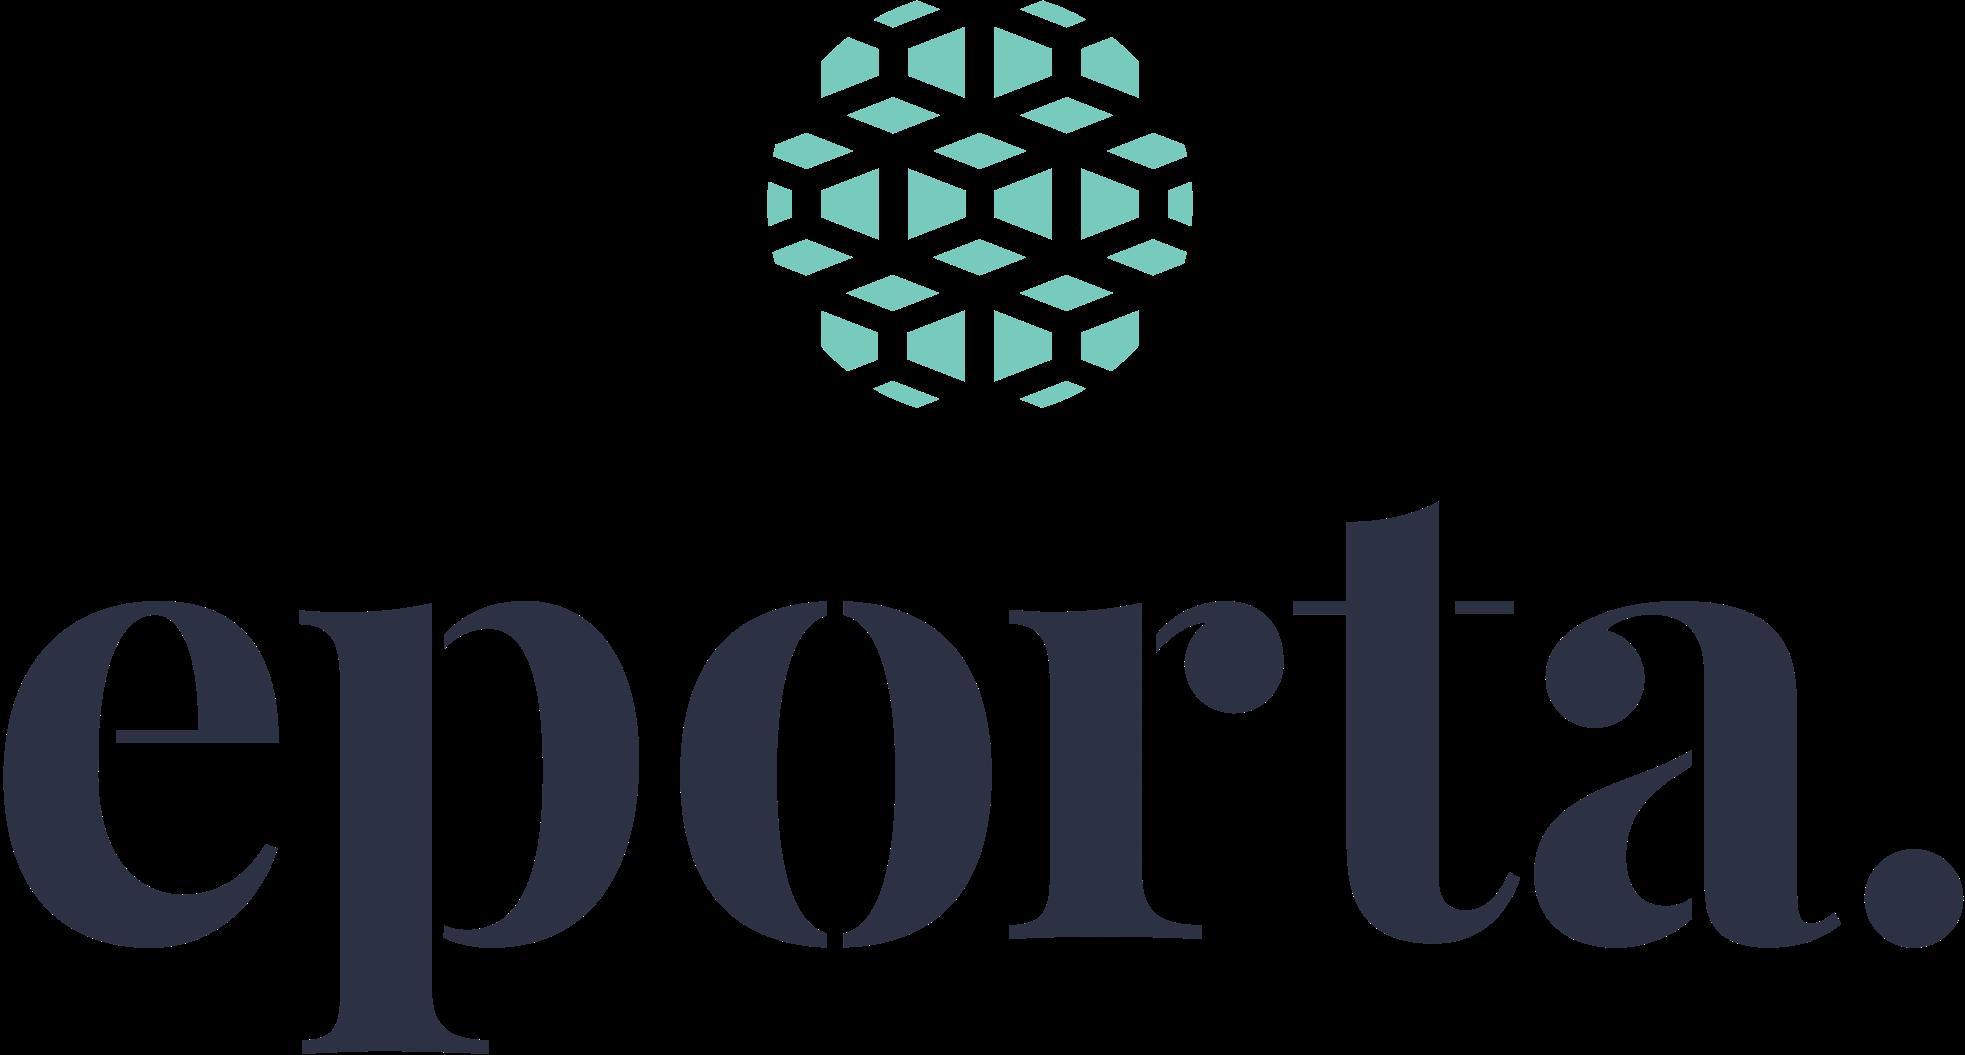 eporta colour fullstack logo NEW logo.png